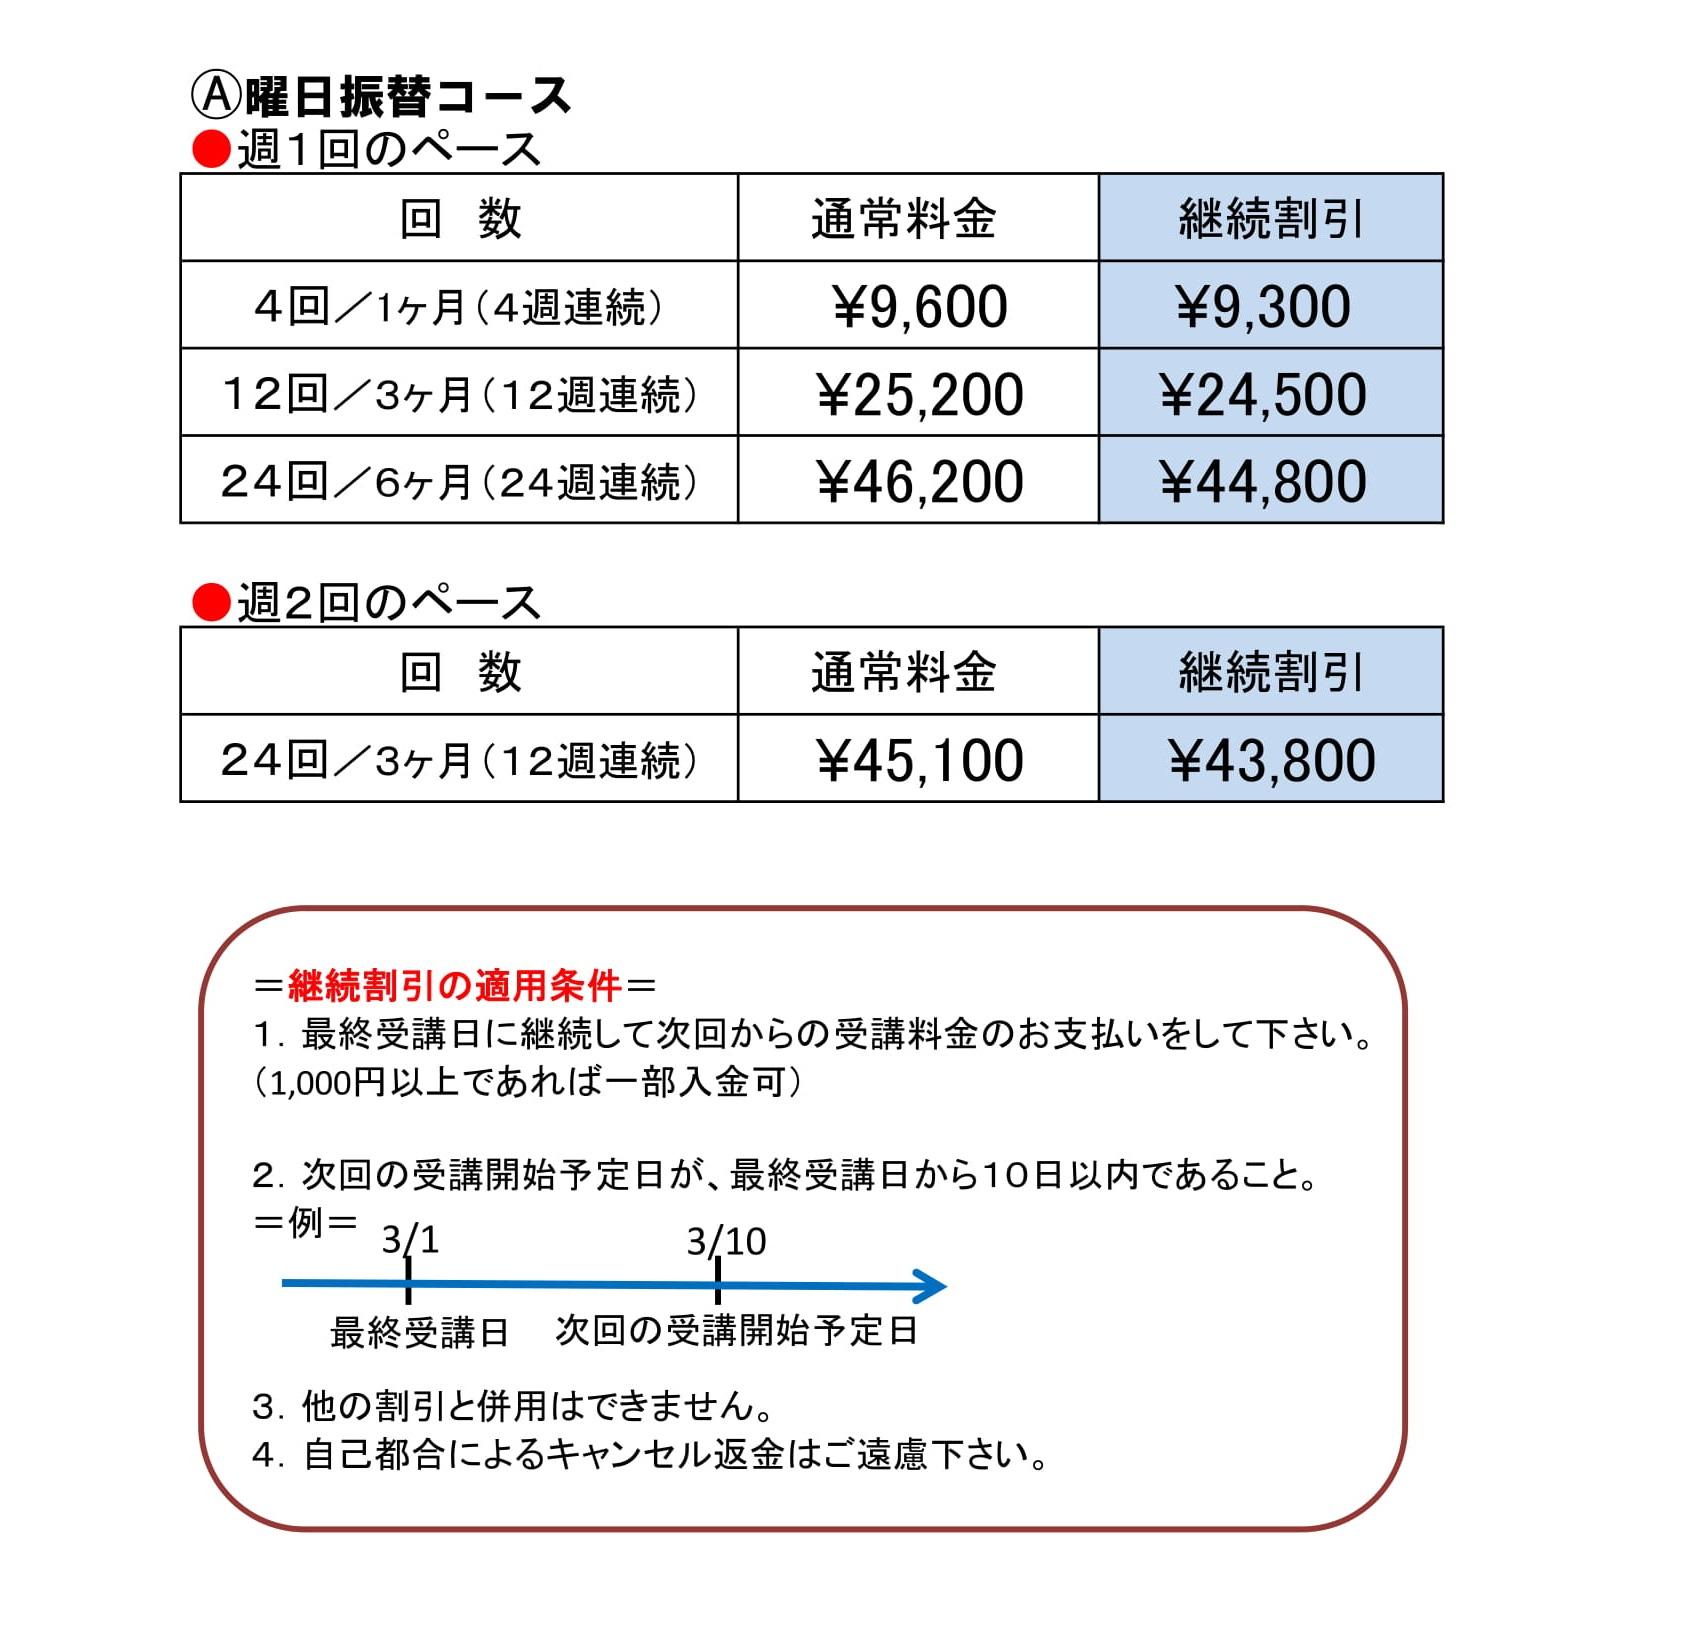 曜日振替コース価格表